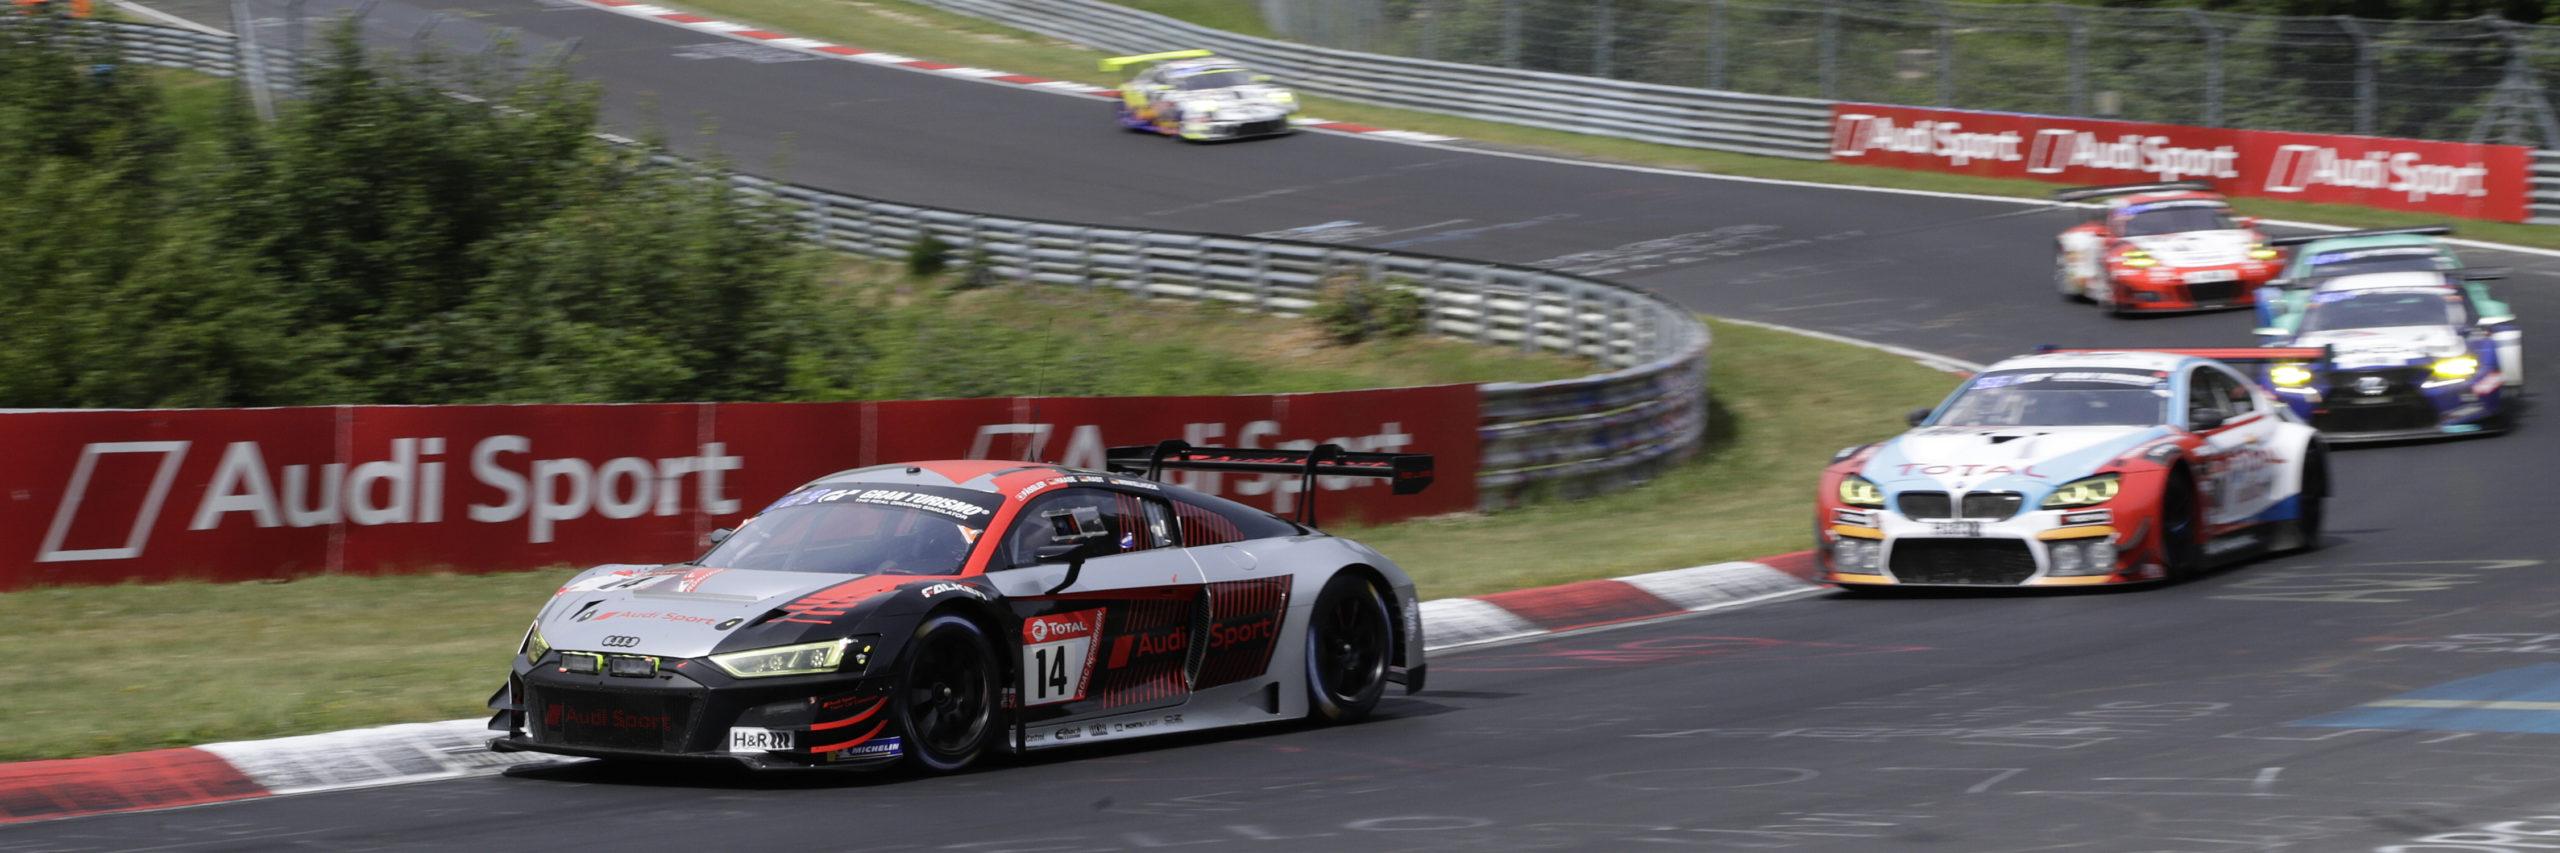 Nürburgring 24 Hours slide 2